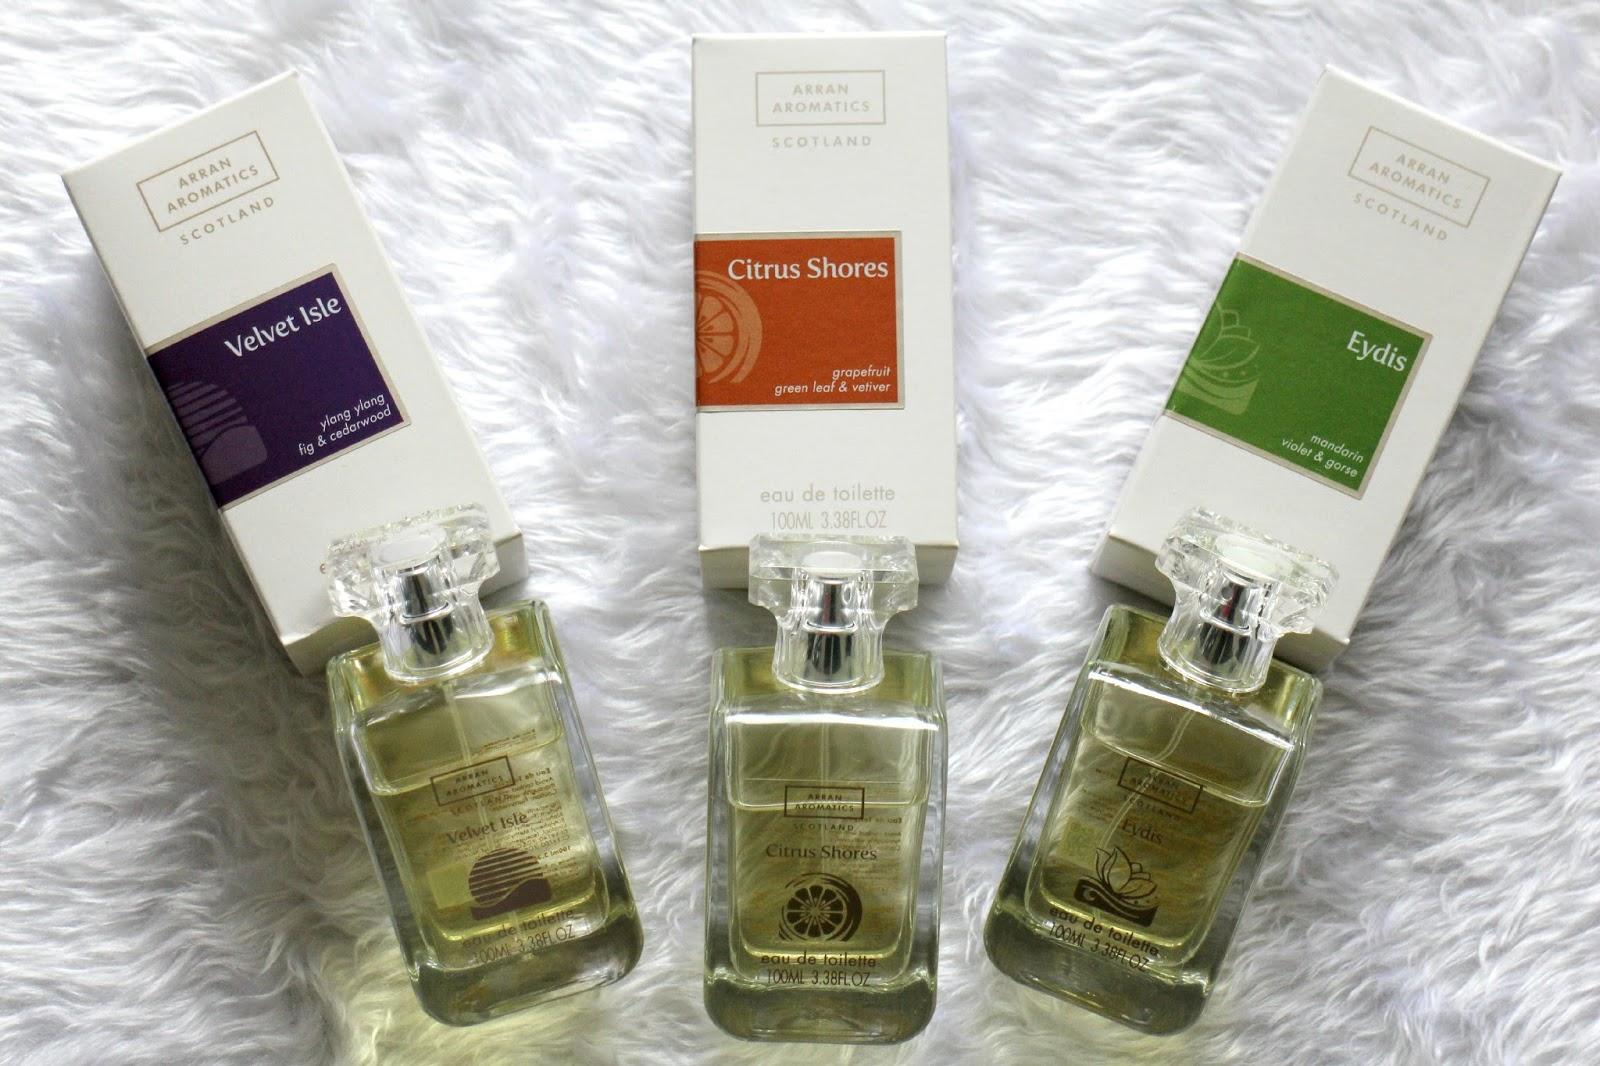 Arran Aromatics Eau De Toilette